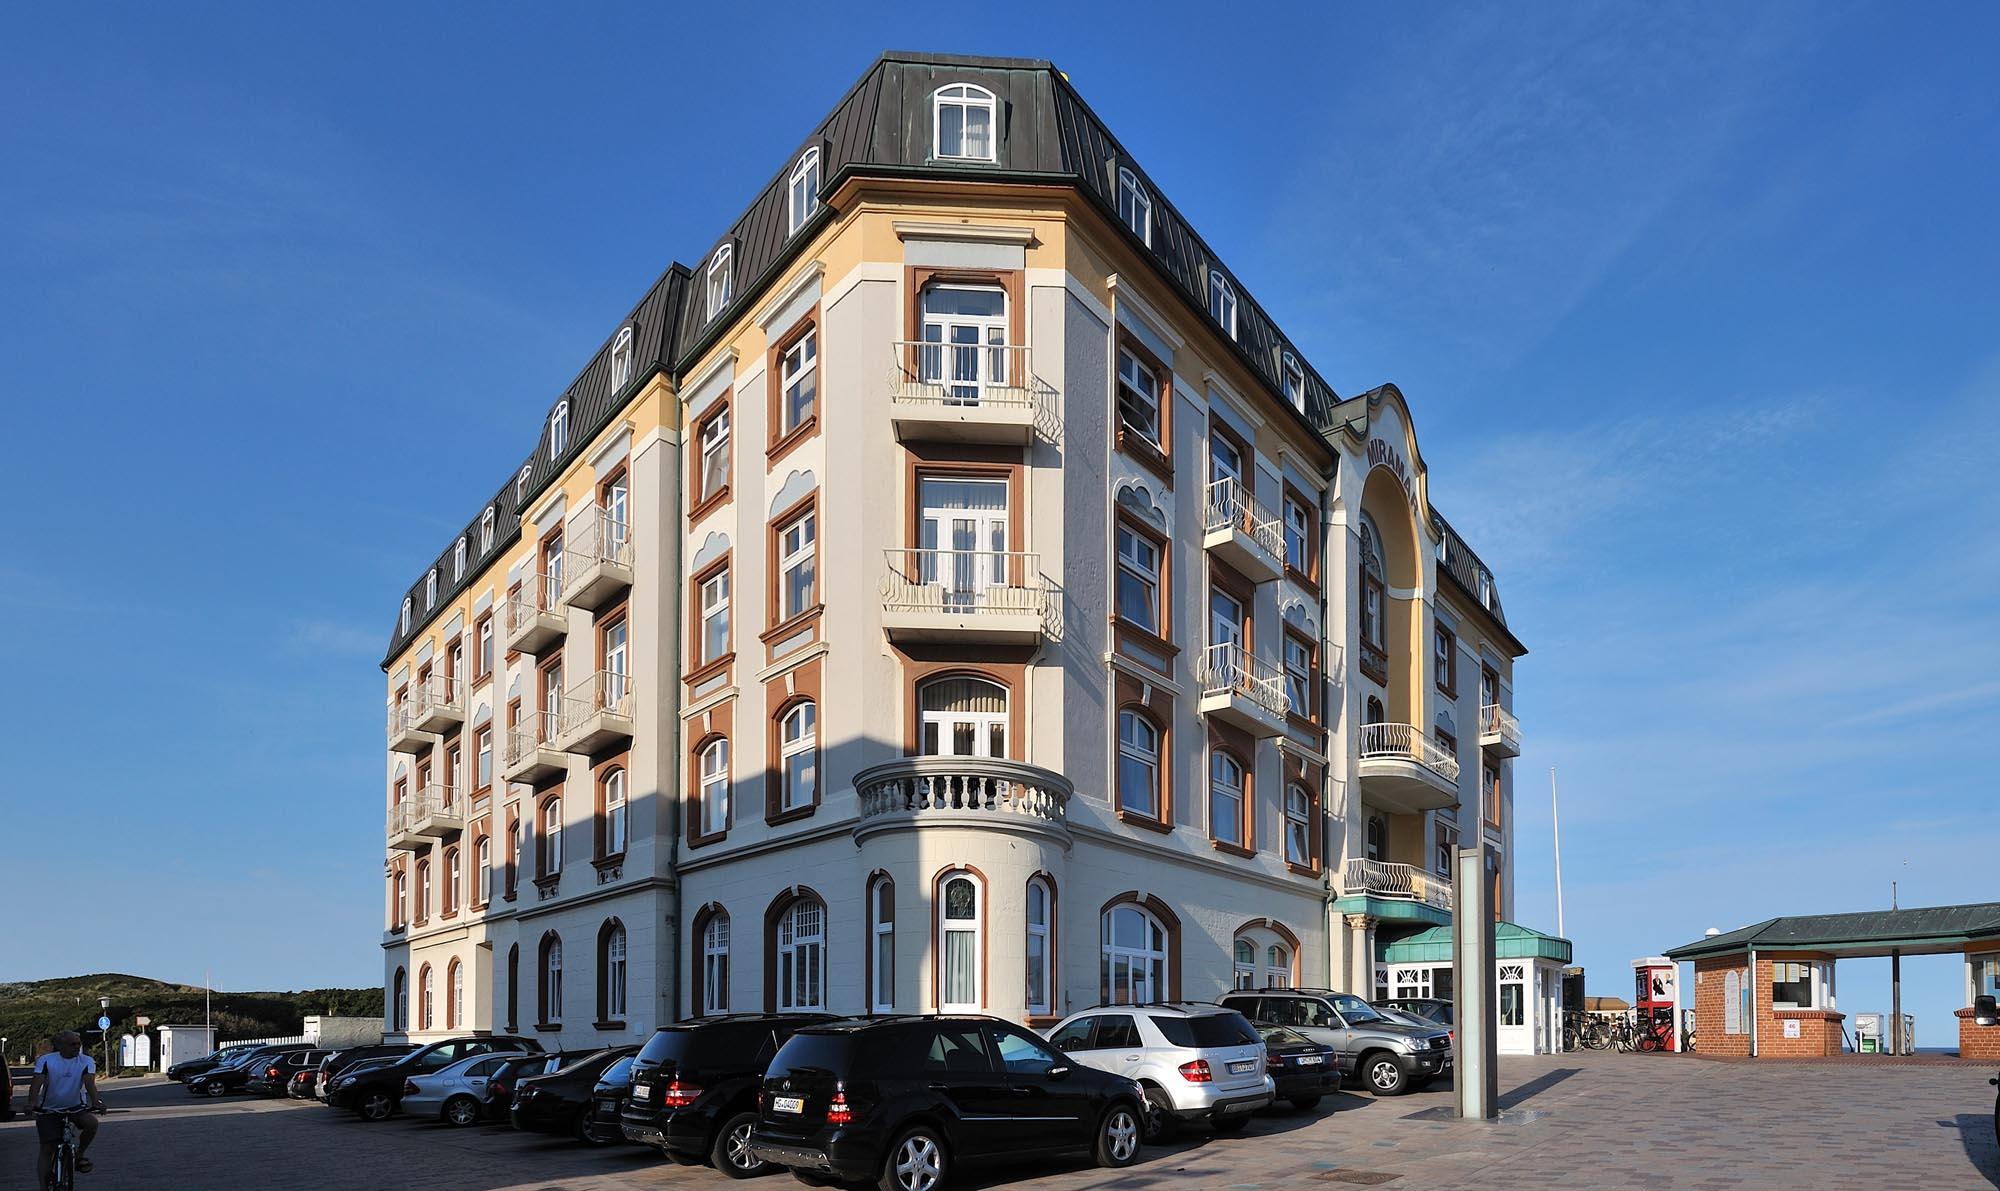 h ft bau sylt westerland eingang hotel miramar. Black Bedroom Furniture Sets. Home Design Ideas